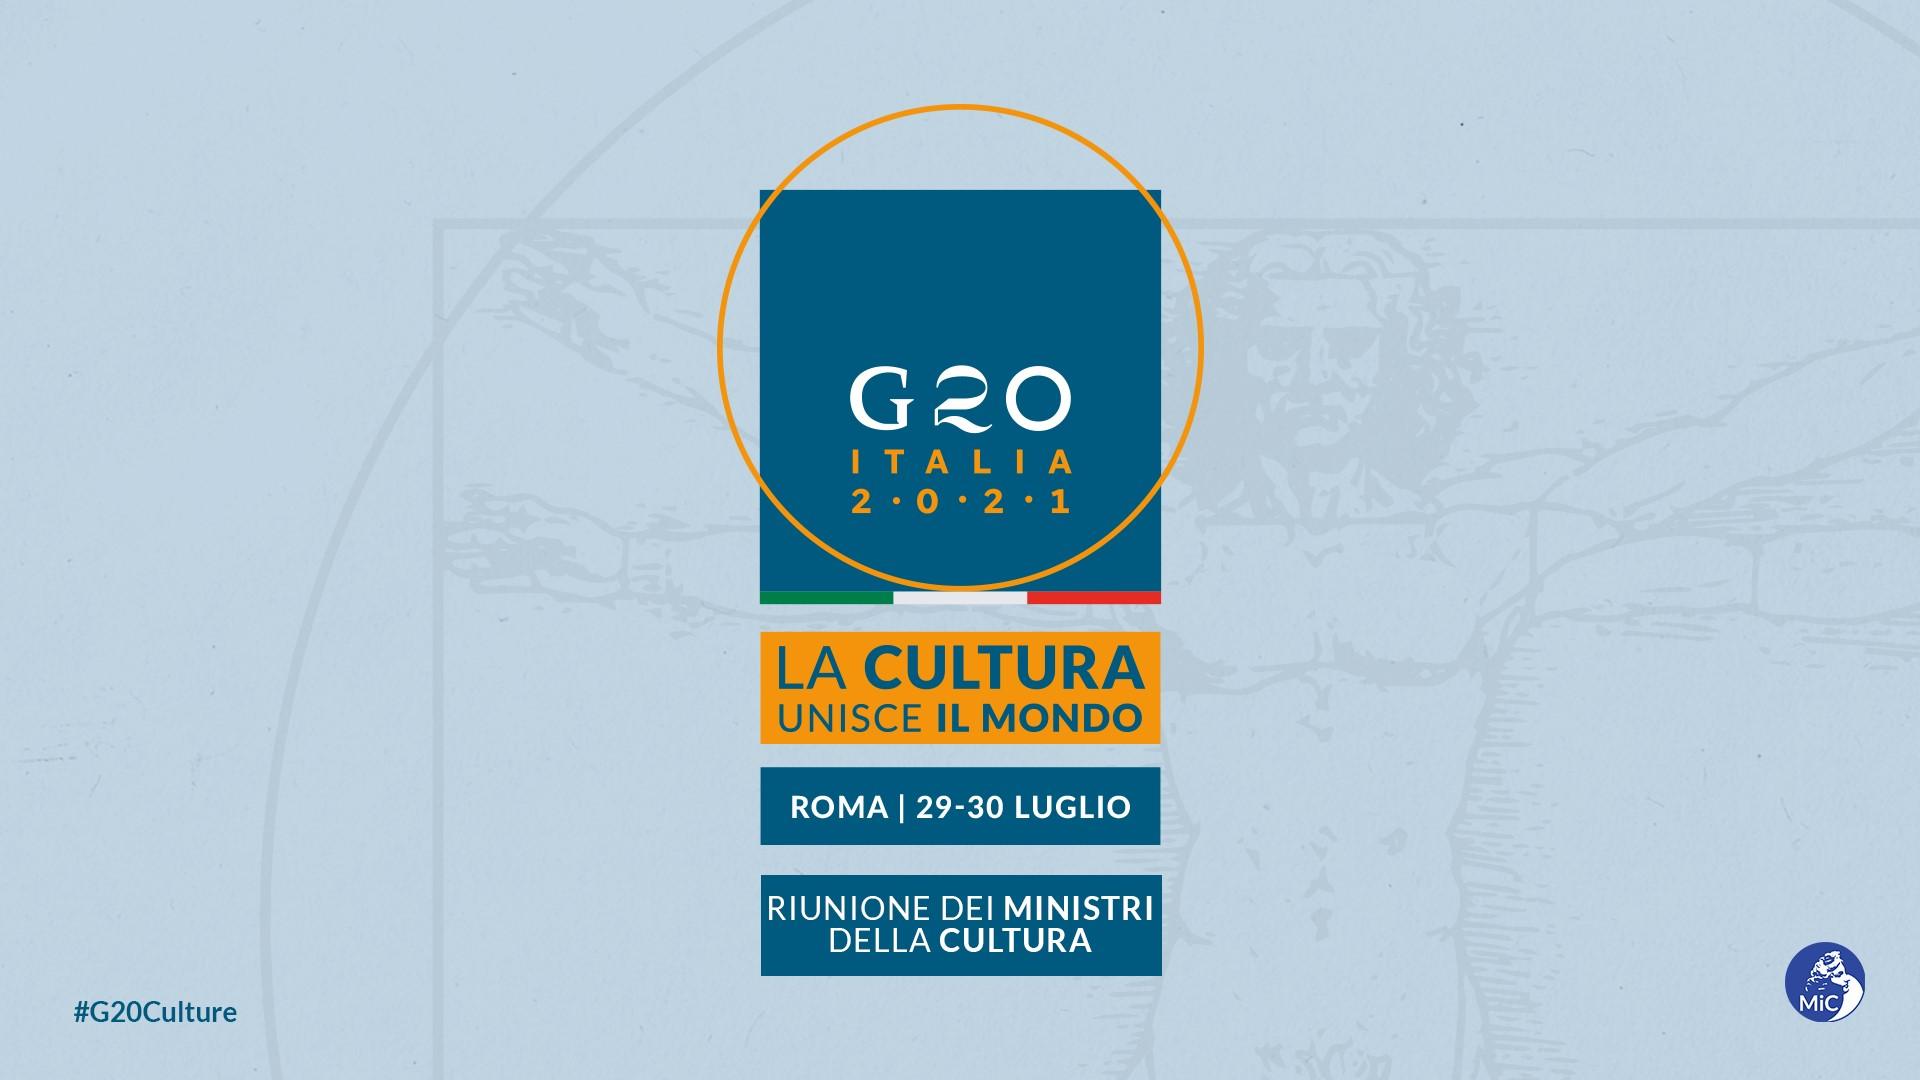 """G20, FRANCESCHINI: """"RENDERE PERMANENTE LA MINISTERIALE CULTURA, TEMA FONDAMENTALE PER CRESCITA SOSTENIBILE"""""""